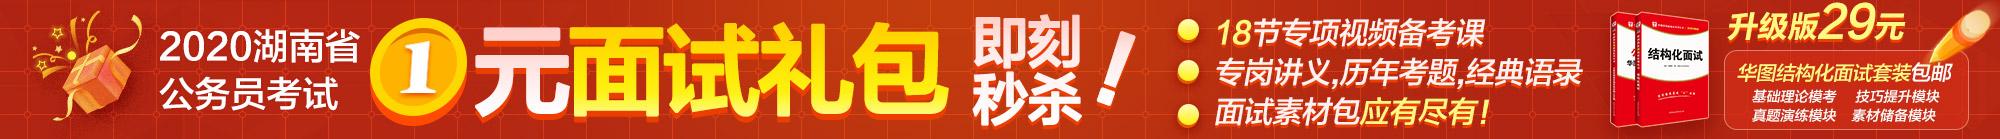 2020年湖南省考公务员笔试估分_估成绩,知排名